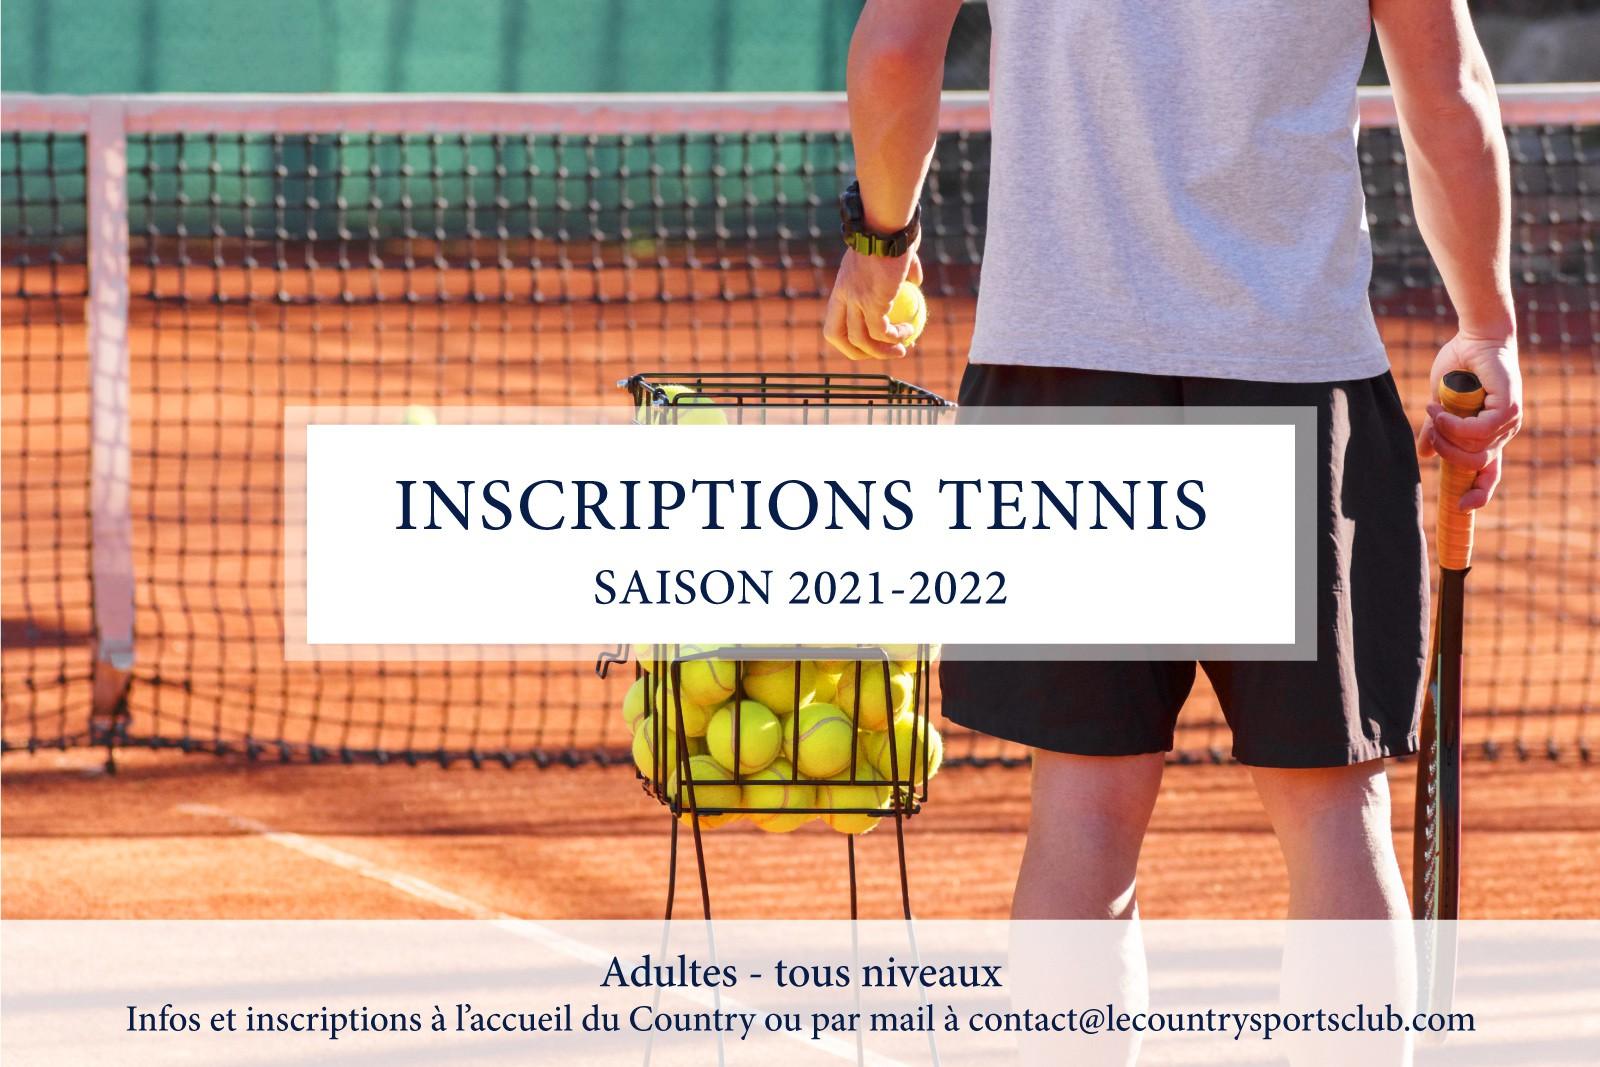 INSCRIPTIONS COURS DE TENNIS ADULTES - Saison 2021-2022